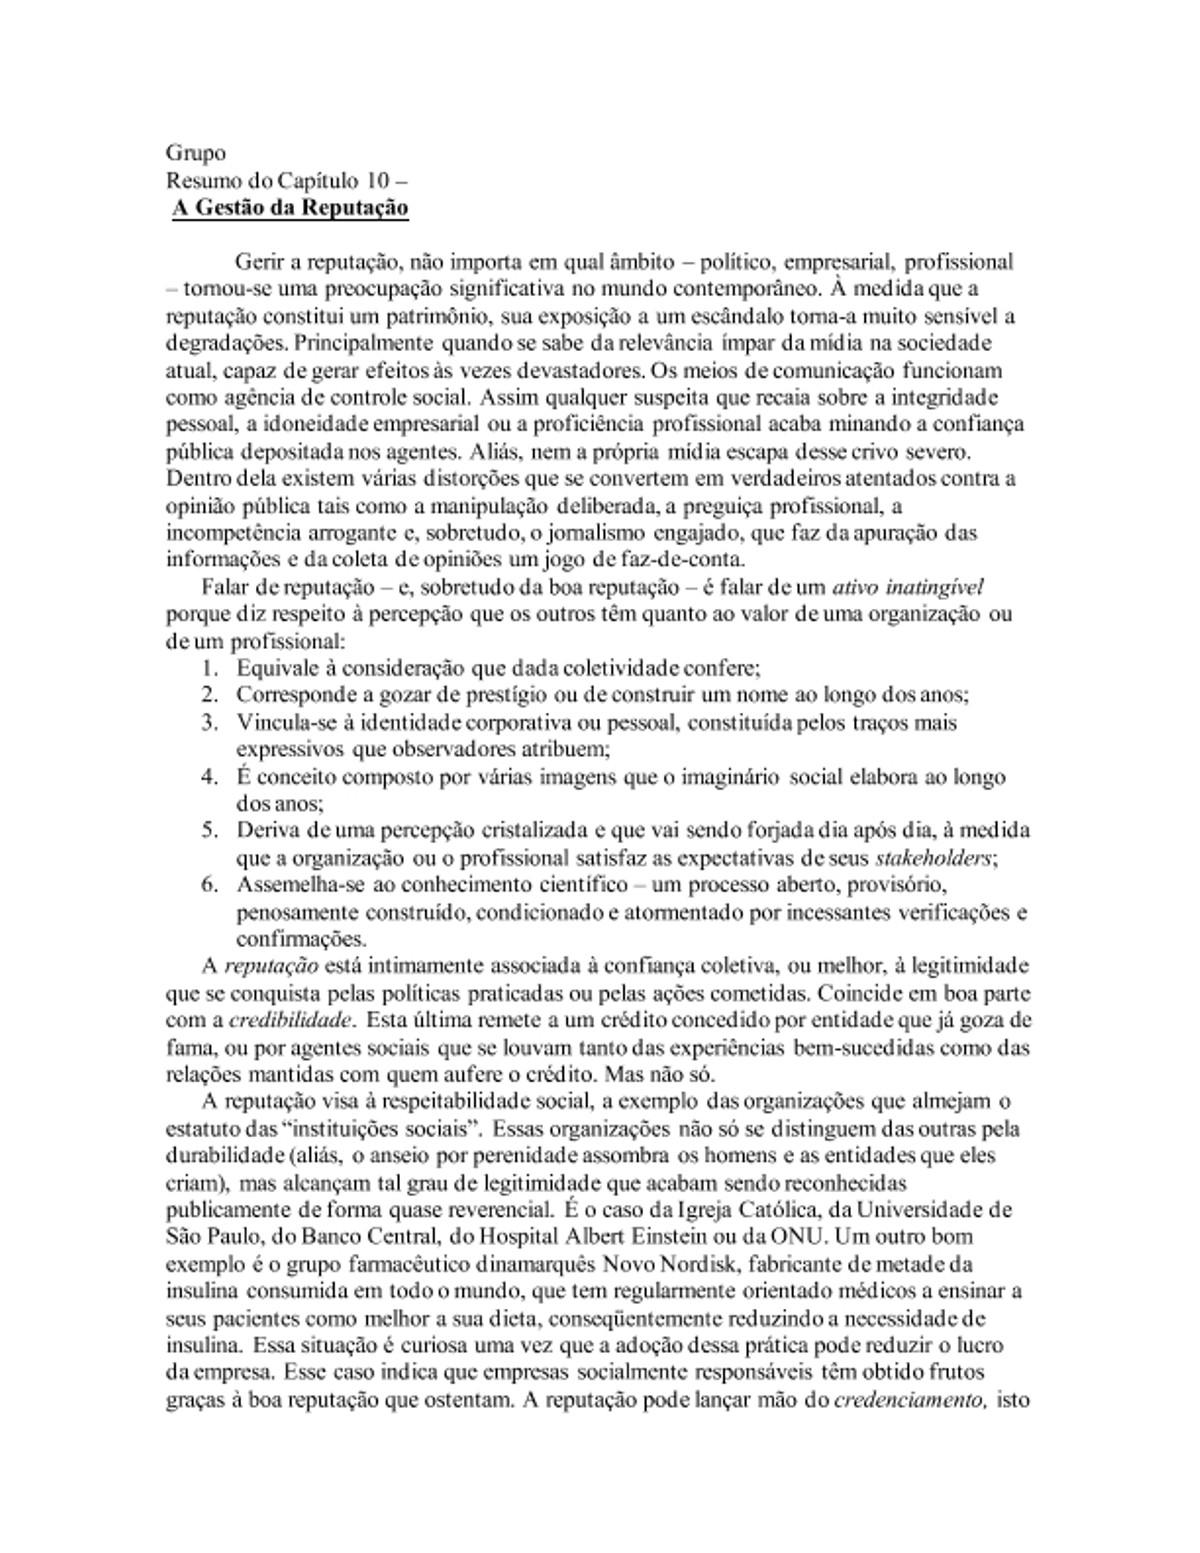 Pre-visualização do material Capitulo 10 - página 1